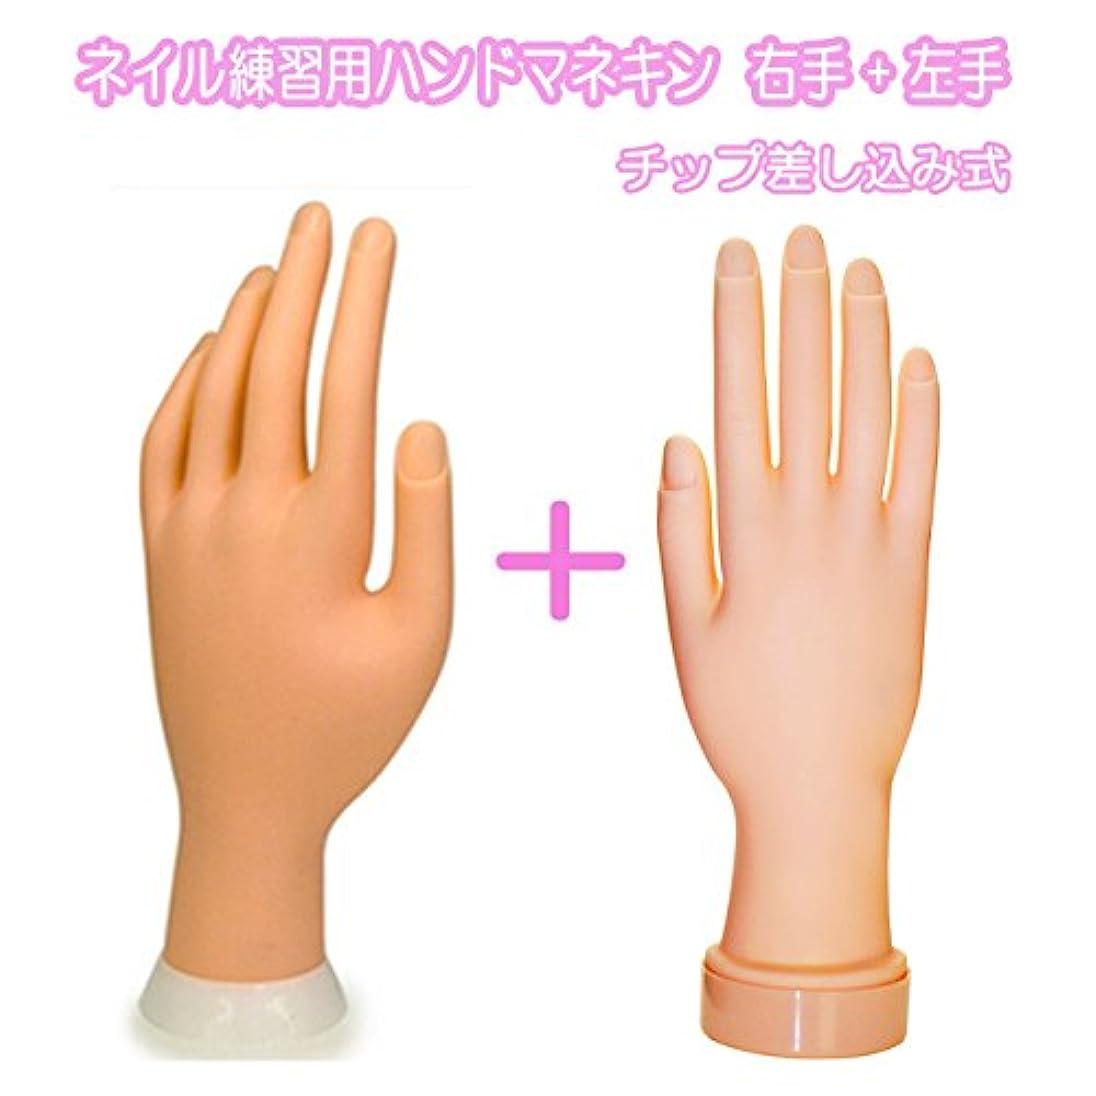 軽減する居眠りする飛び込むネイル練習用ハンドマネキン2個(右手/左手)/チップ差し込み式 (右手1個+左手1個)